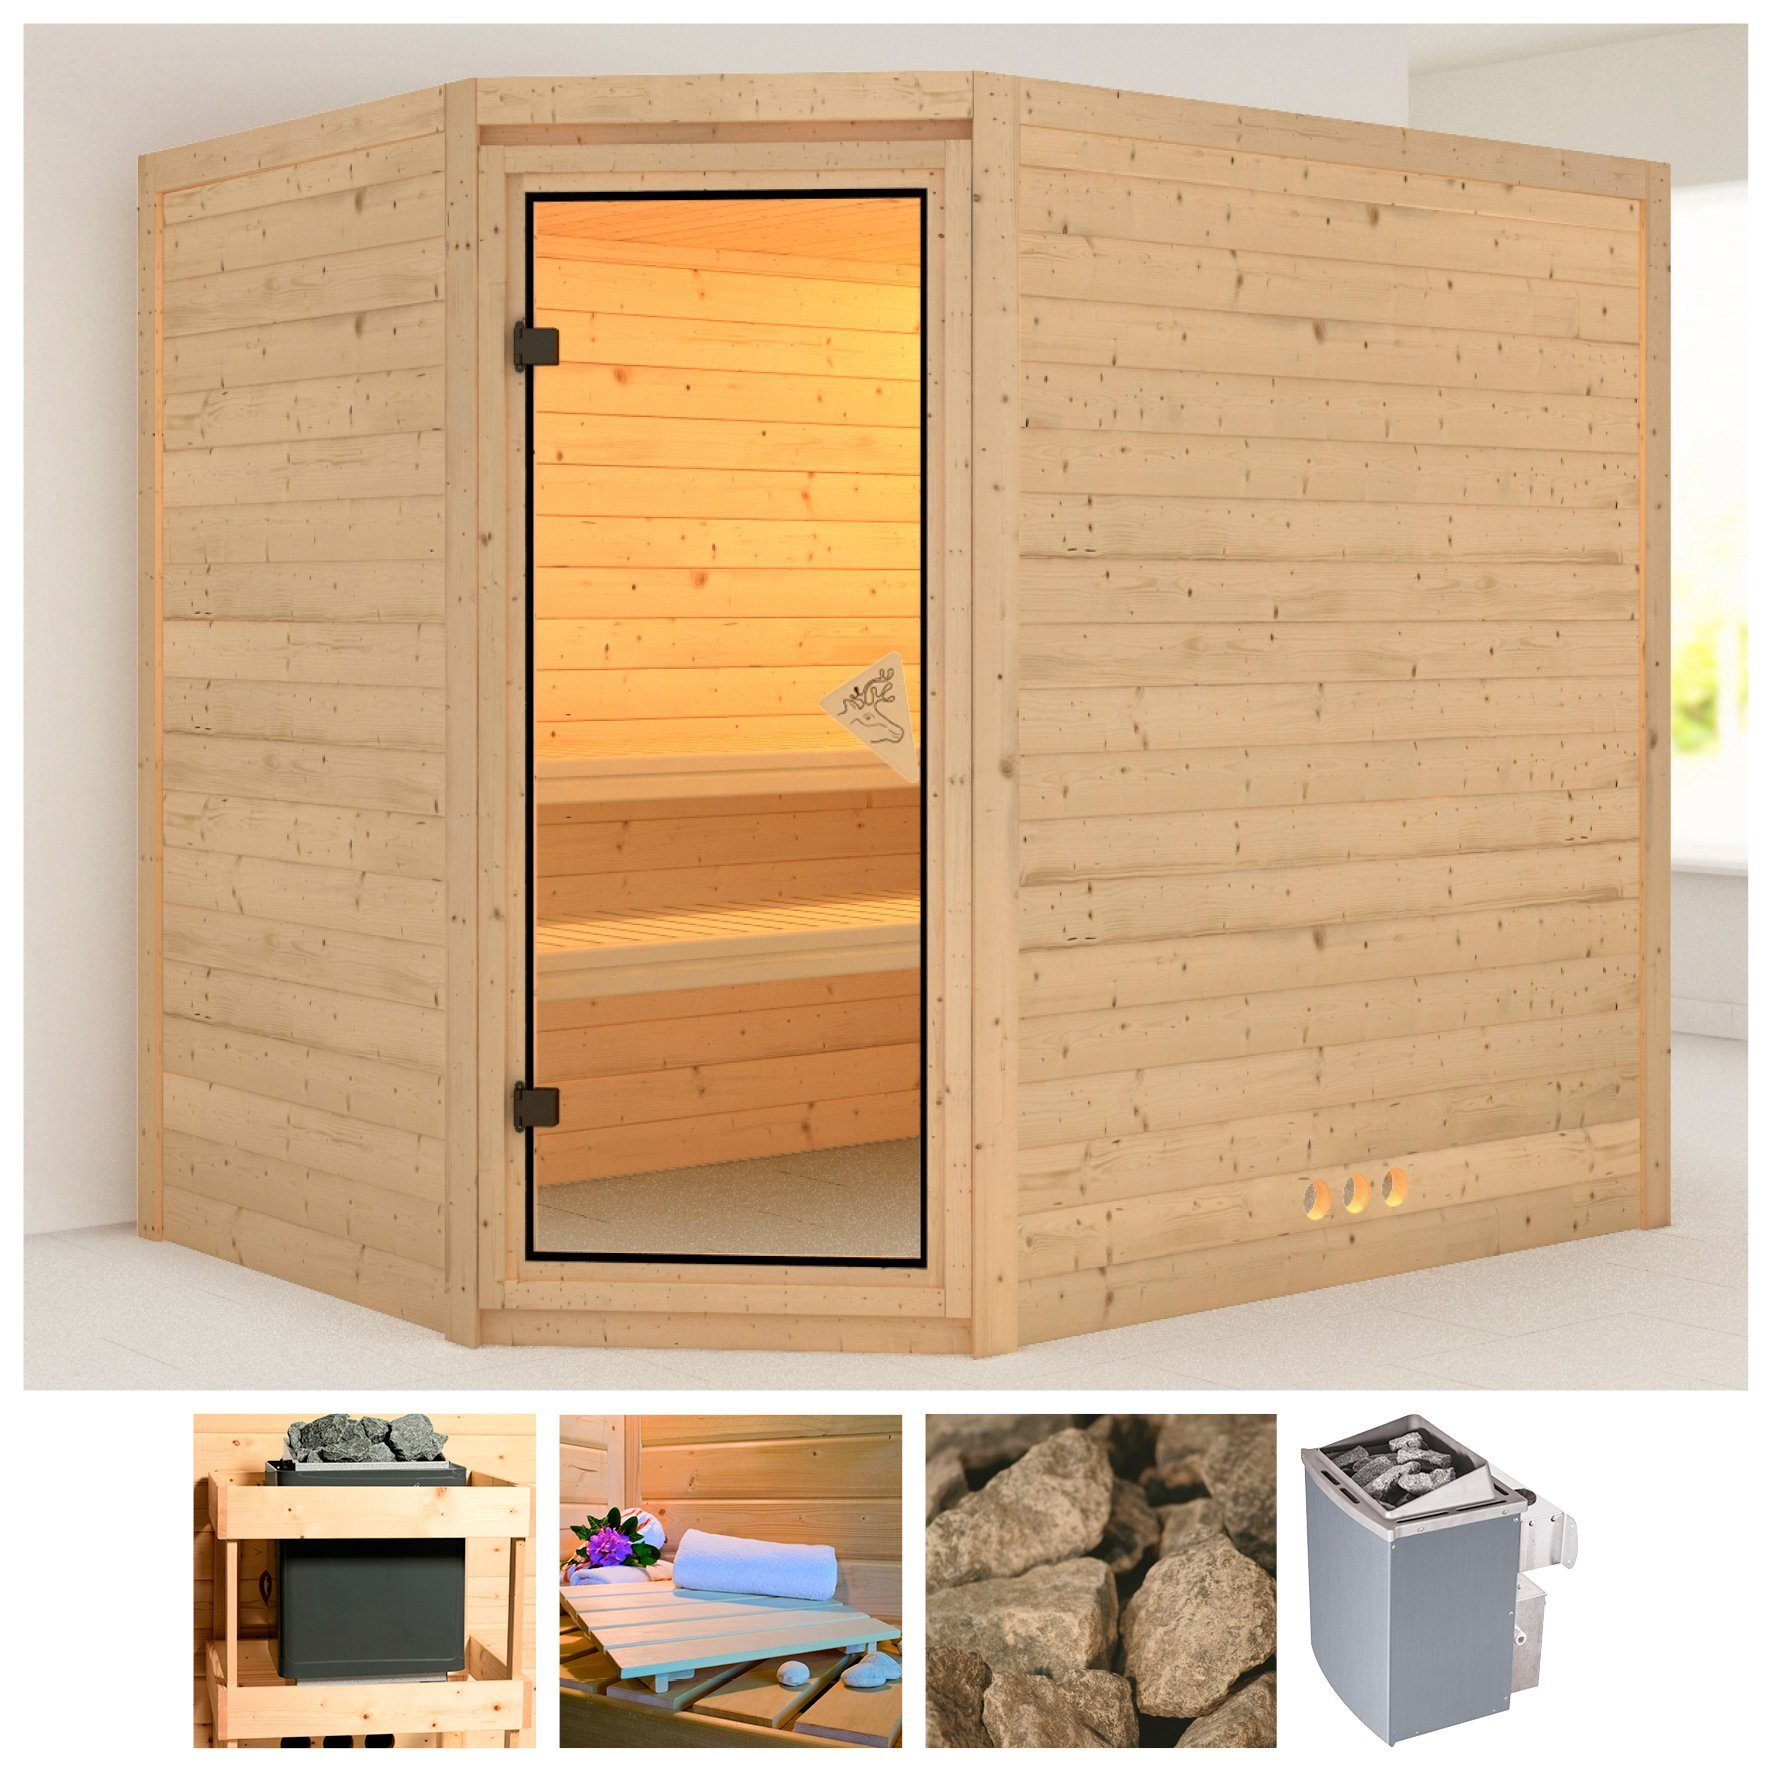 KARIBU Sauna »Tanami«, 236/184/209 cm, 40 mm, 9-kW-Ofen mit int. Steuerung